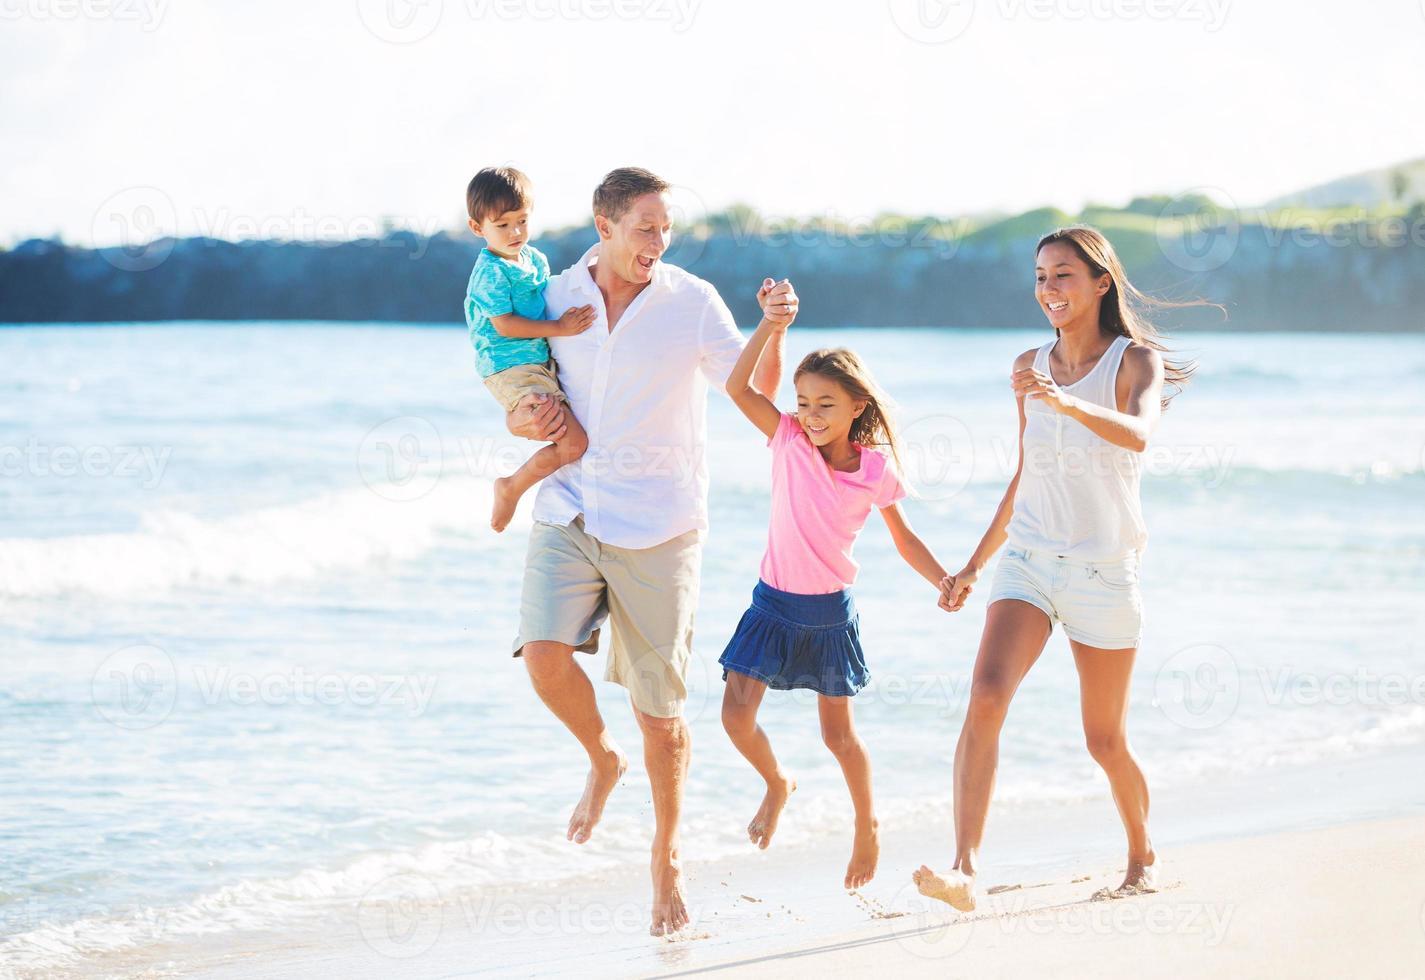 famille heureuse sur la plage photo